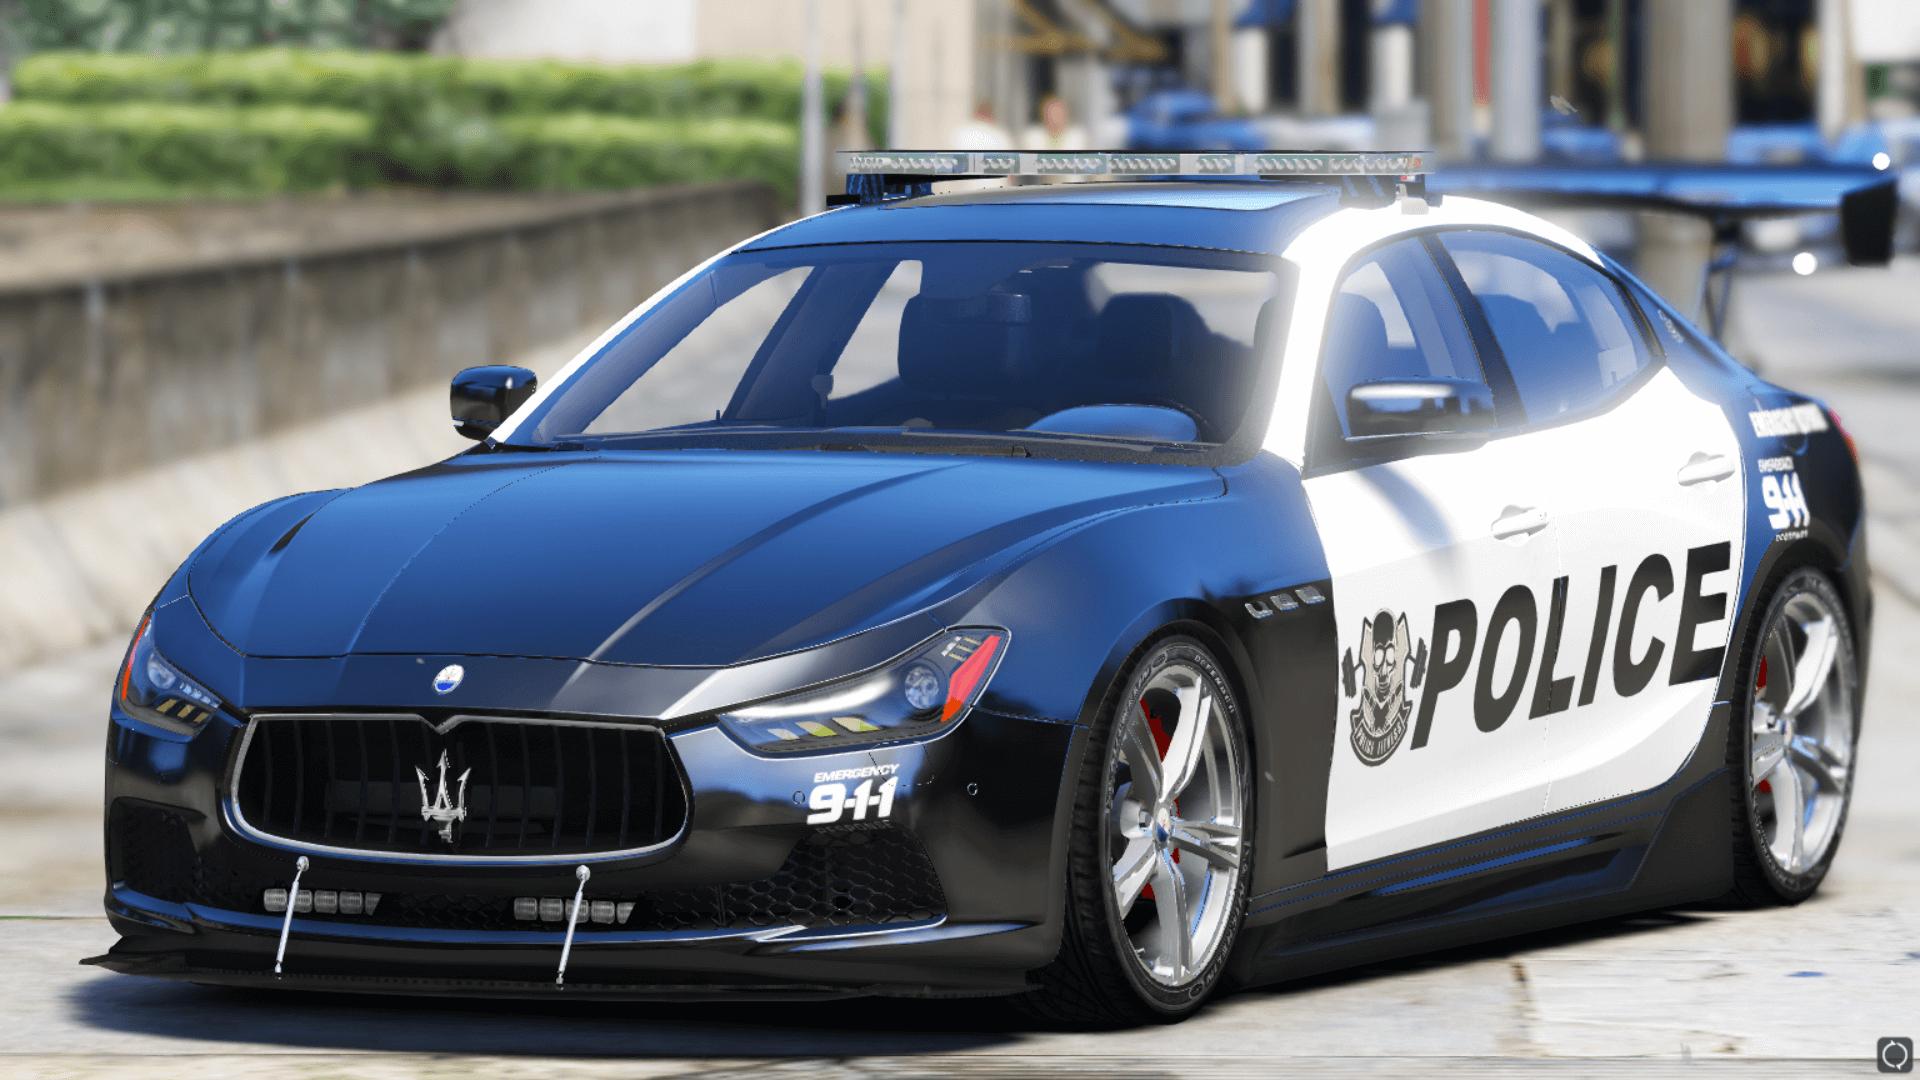 2014 Maserati Ghibli Police Add On Tuning Template